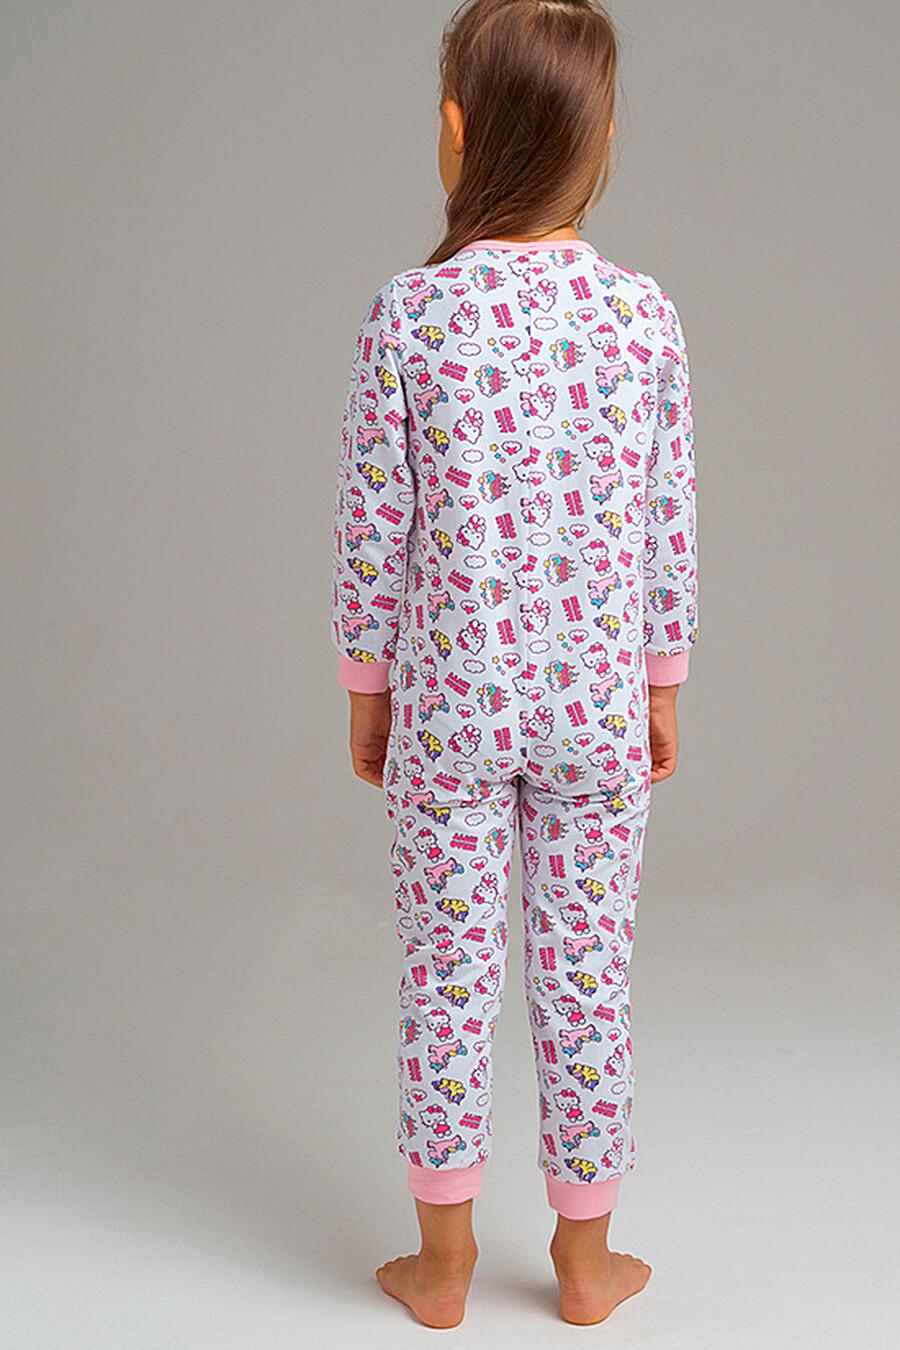 Комбинезон для девочек PLAYTODAY 239343 купить оптом от производителя. Совместная покупка детской одежды в OptMoyo